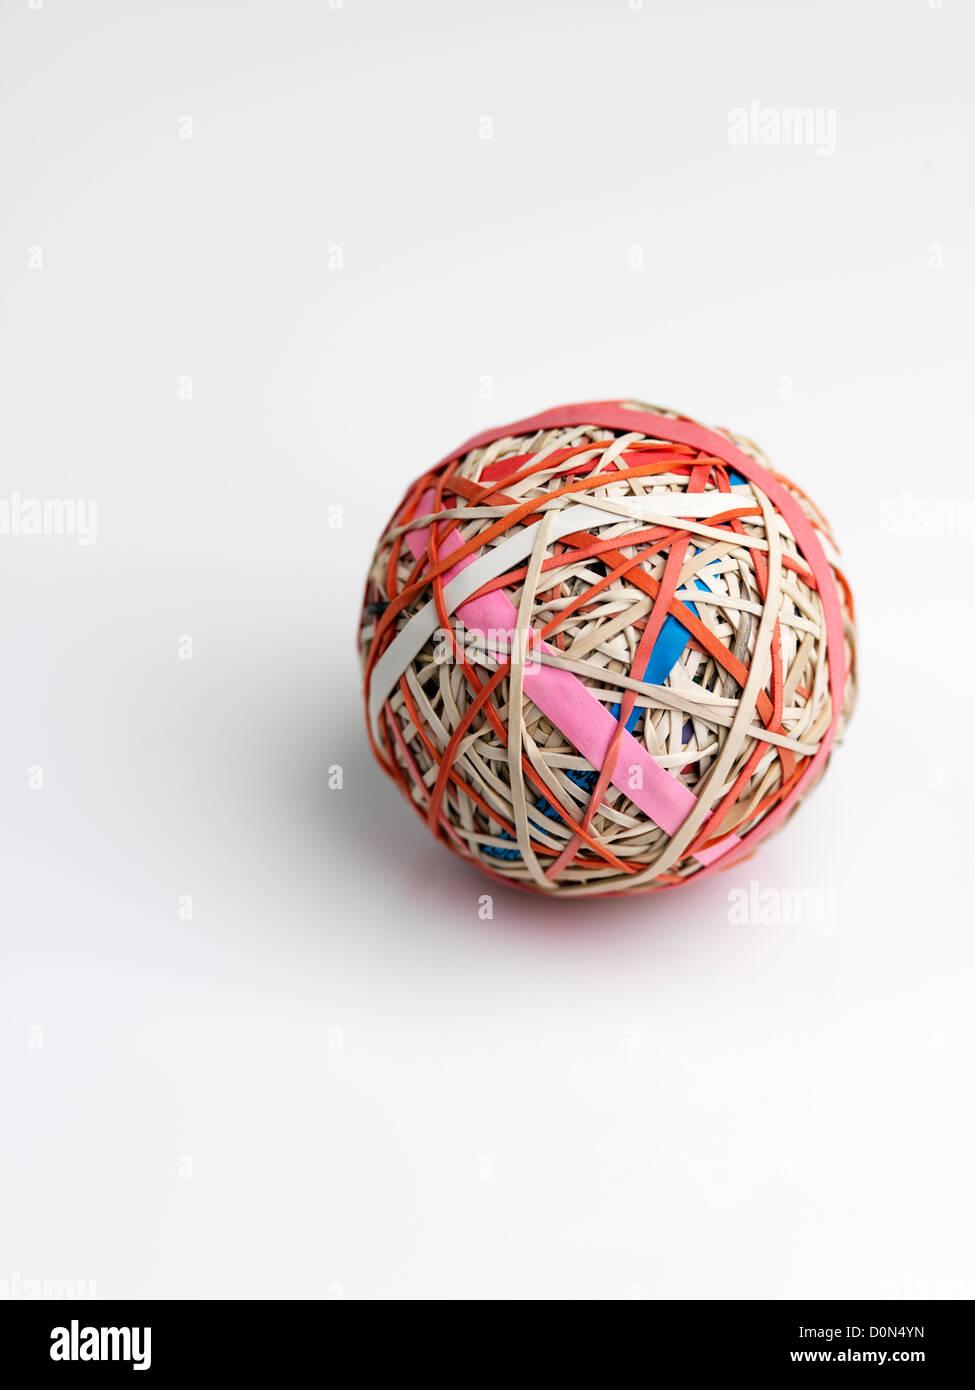 Balle Balle élastique, composé de bandes en caoutchouc sur les autres plaies Photo Stock